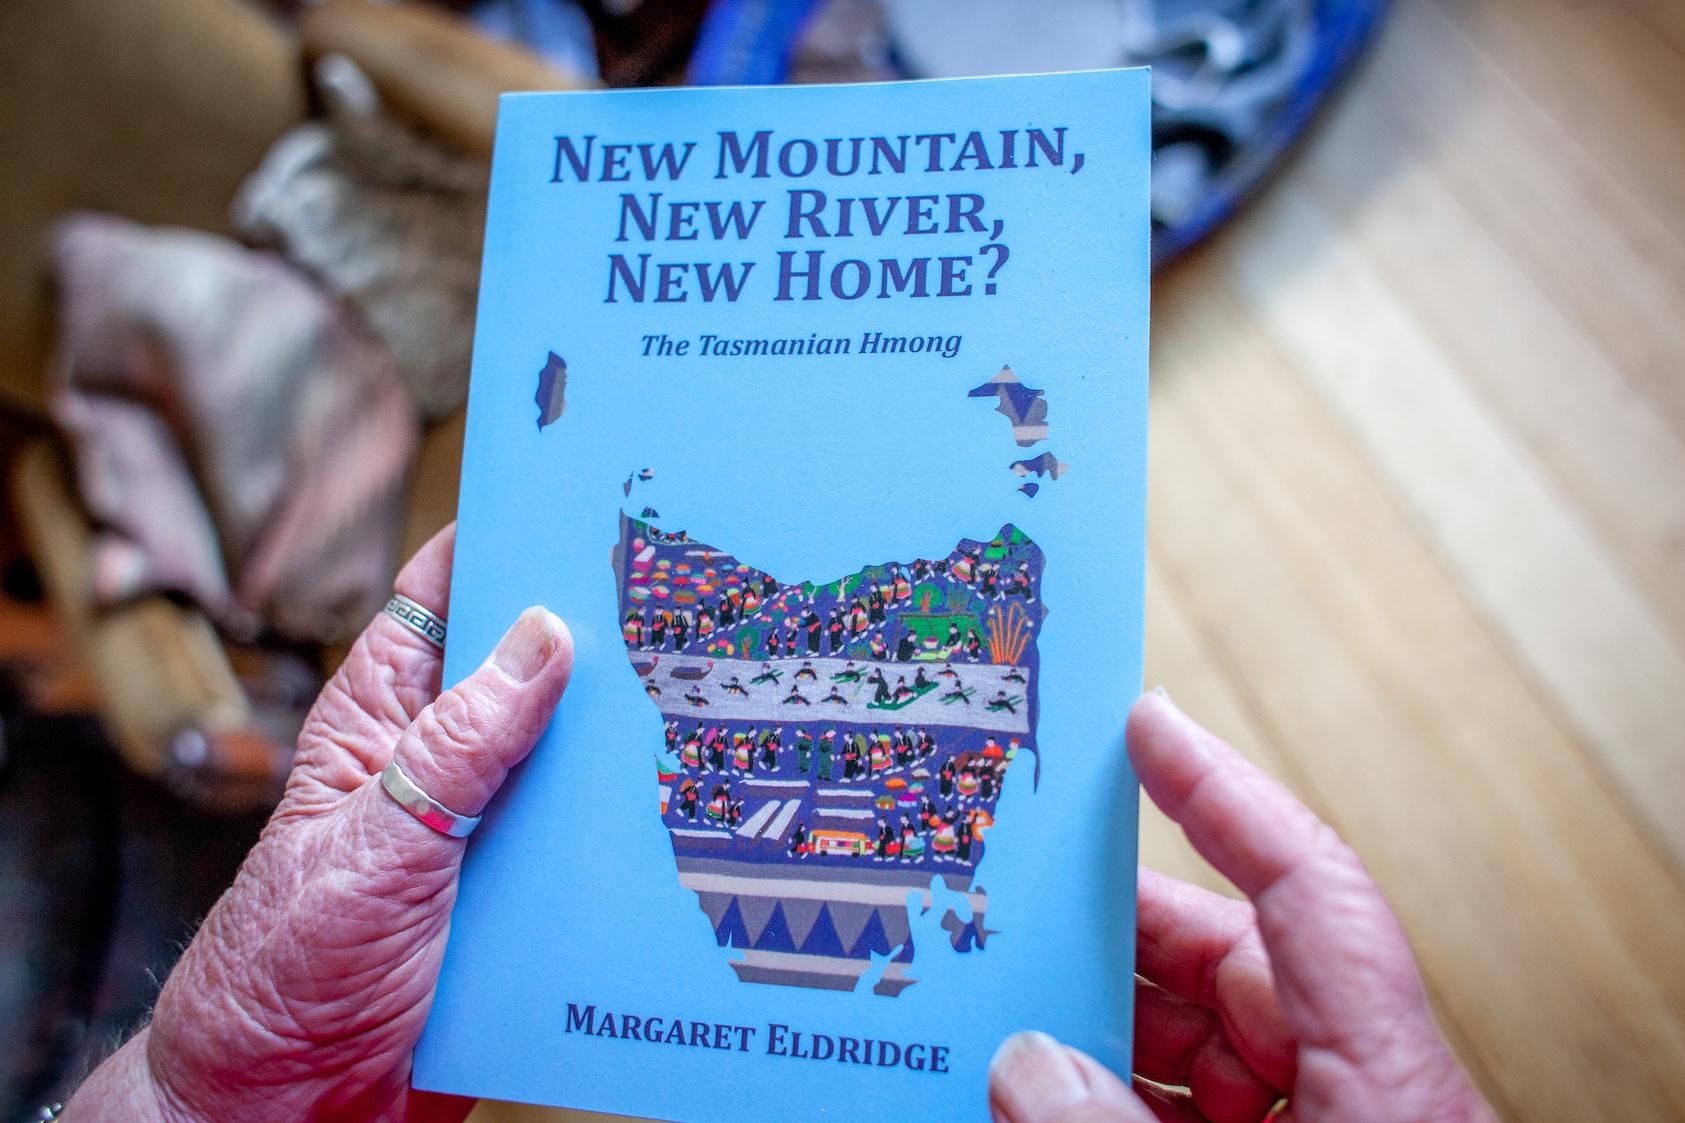 Margaret Eldridge BY NINNA MILLIKIN_8517.jpg